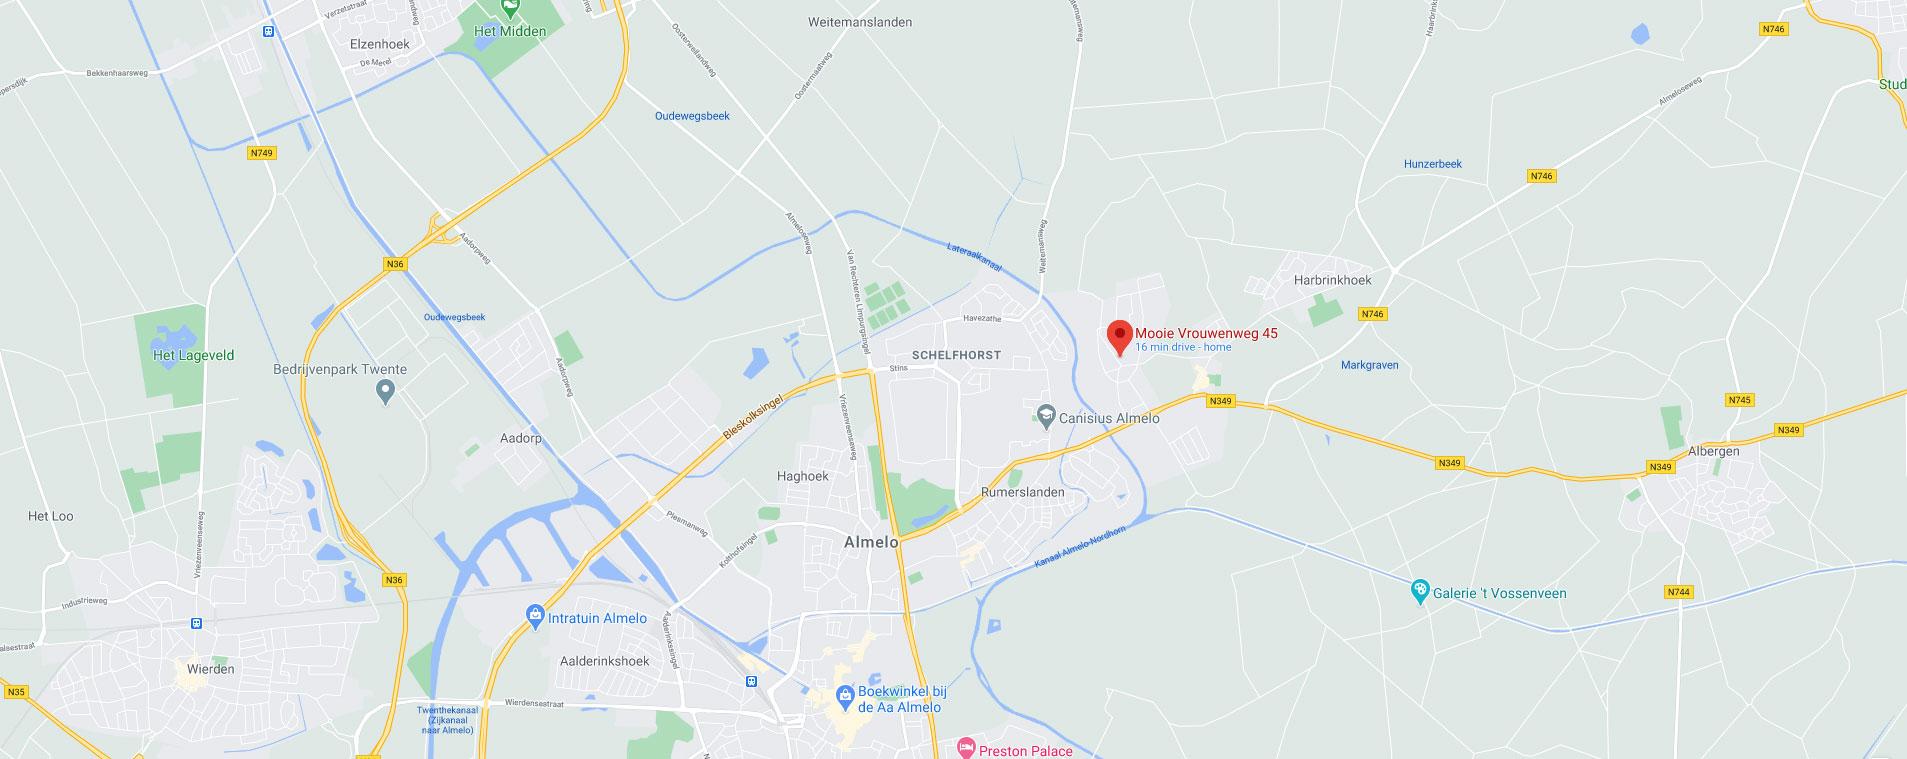 Hardloopschool-De-Mooie-Vrouw-locatiekaartje